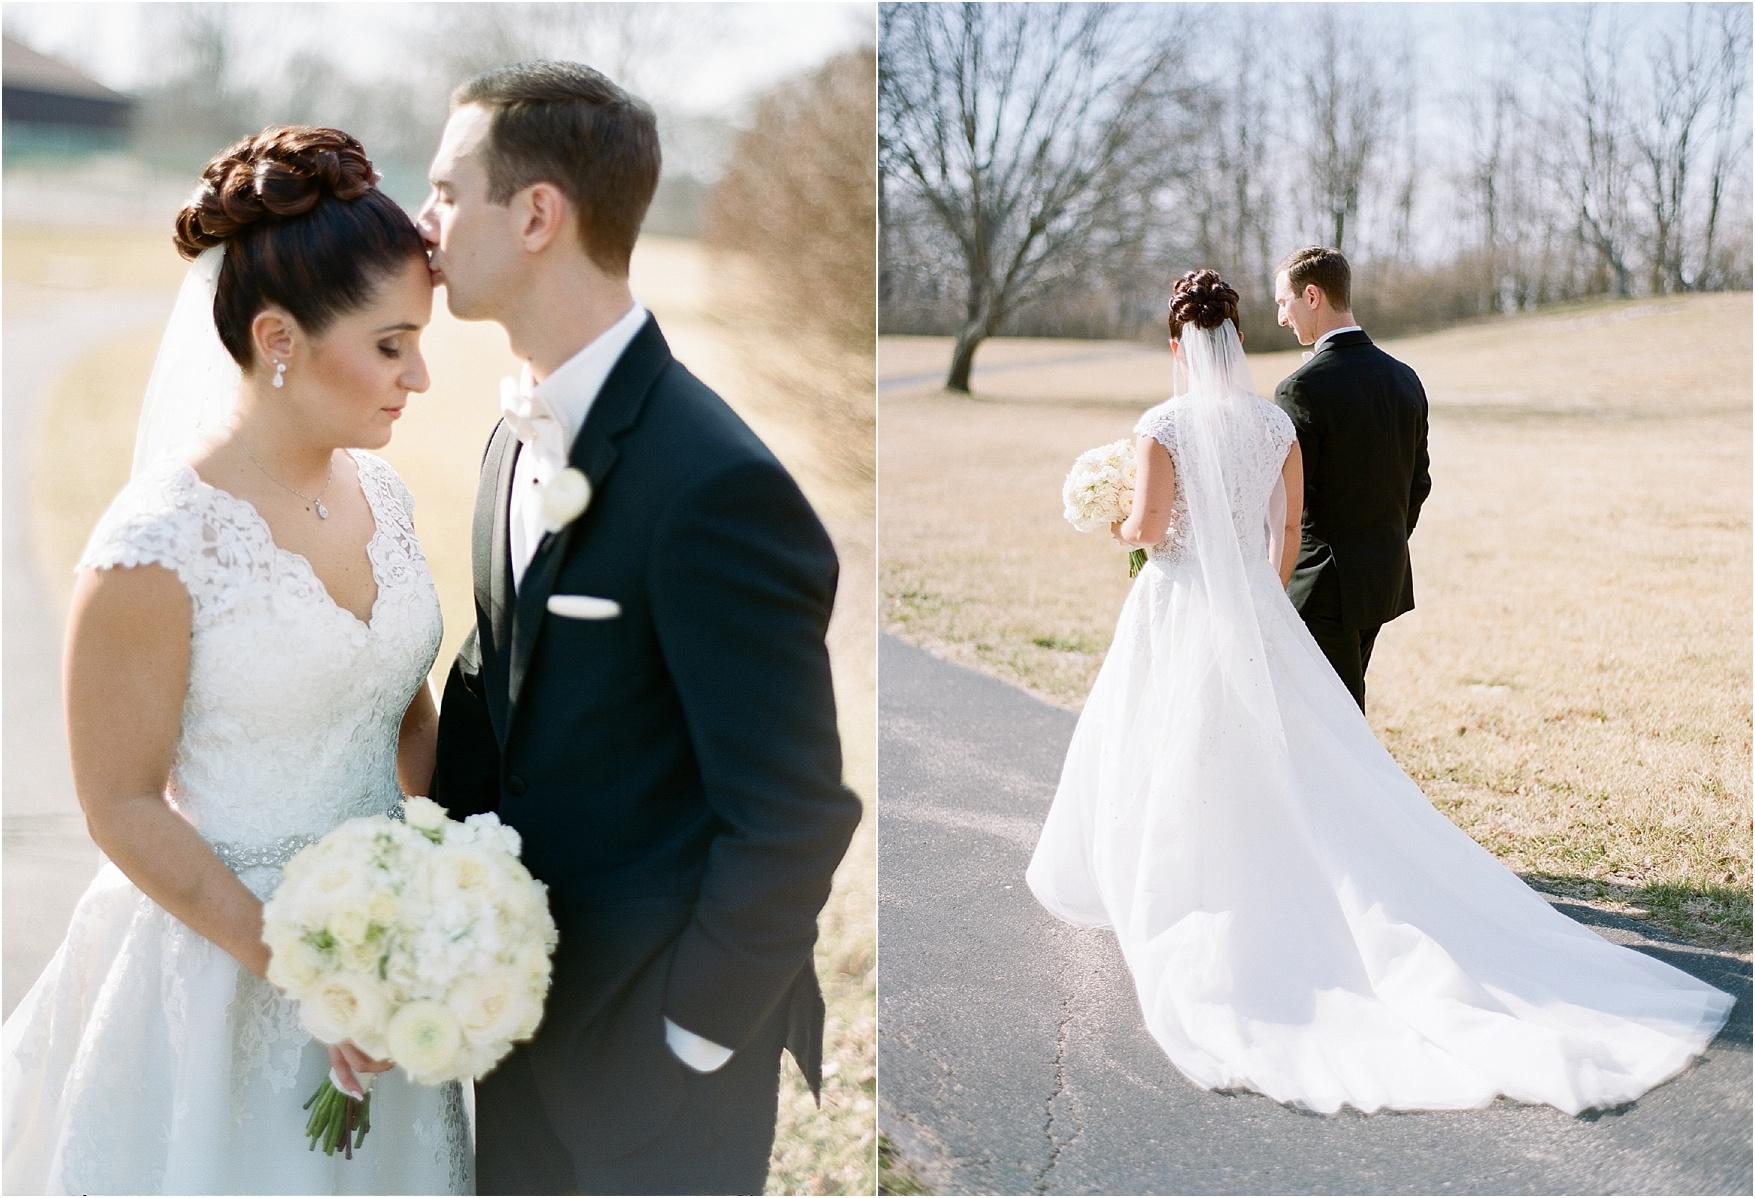 wedding photography st louis_lauren muckler photography_film photographer_film wedding_0054.jpg